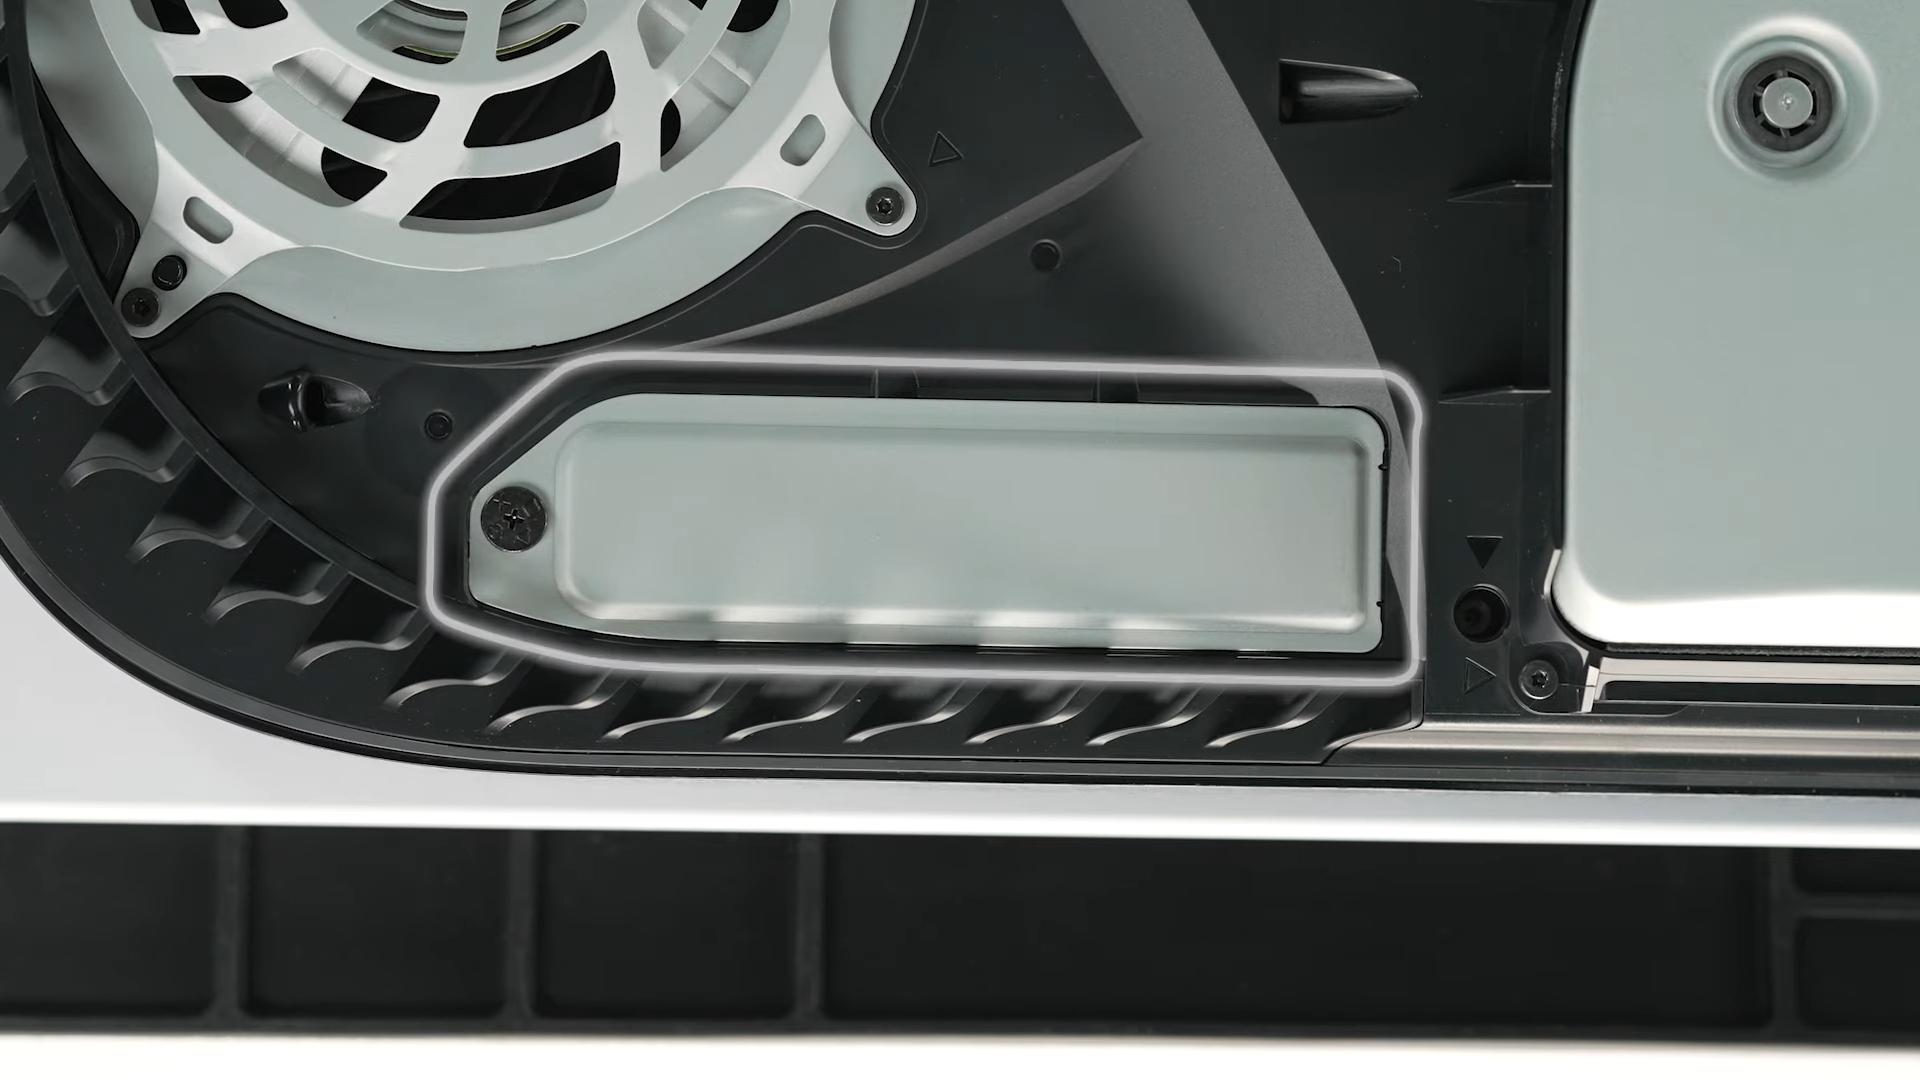 Завтрашнее обновление для PlayStation 5 включит поддержку дополнительного SSD